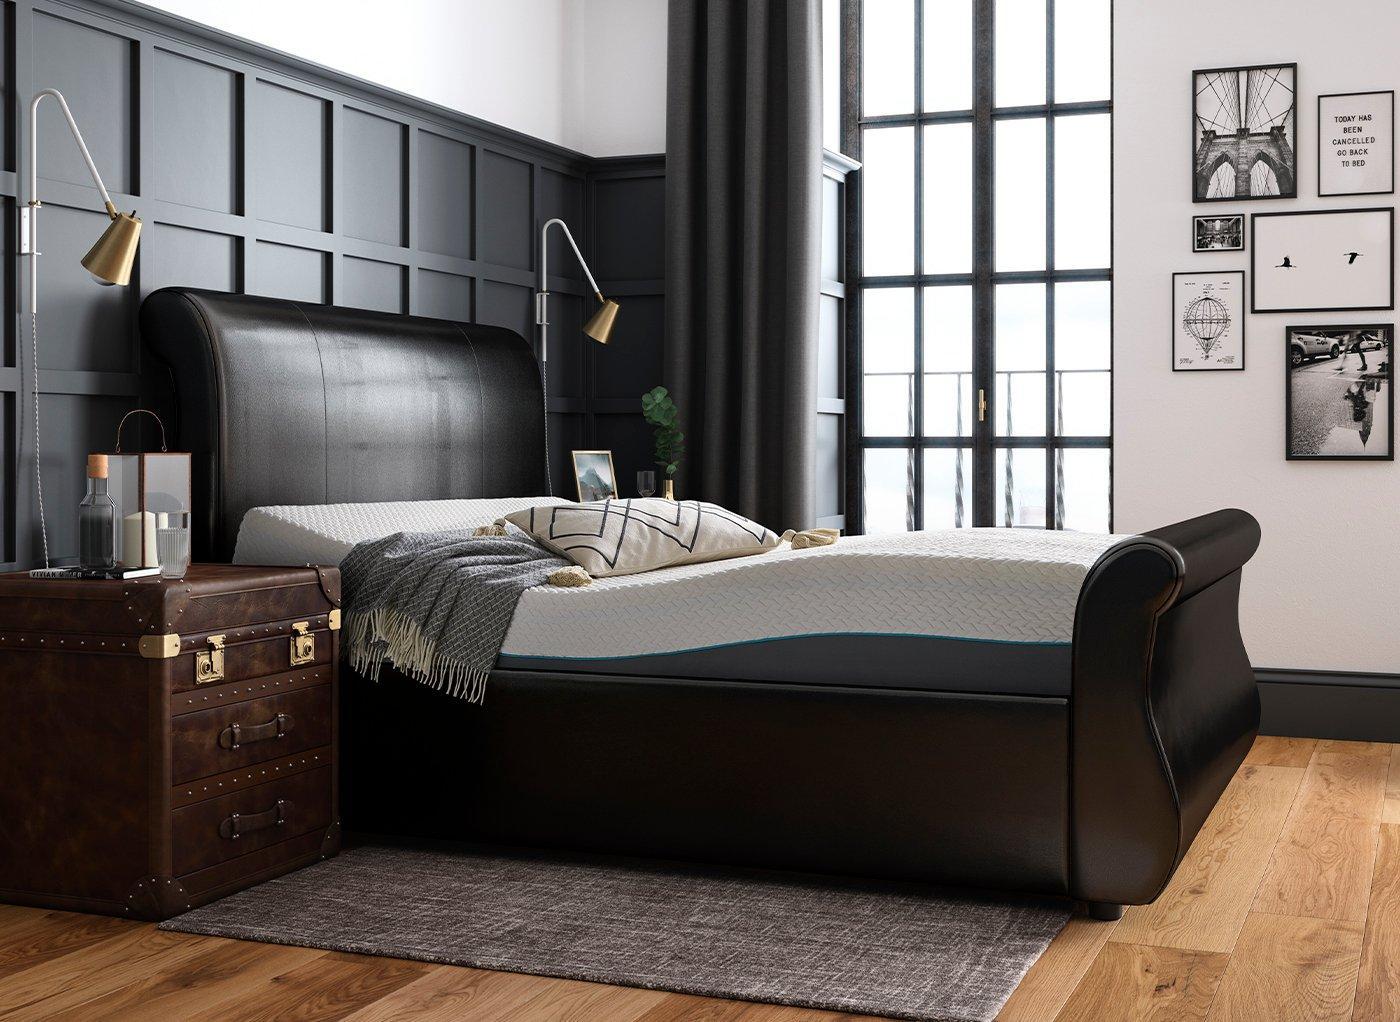 detroit-sleepmotion-200i-adjustable-upholstered-bed-frame